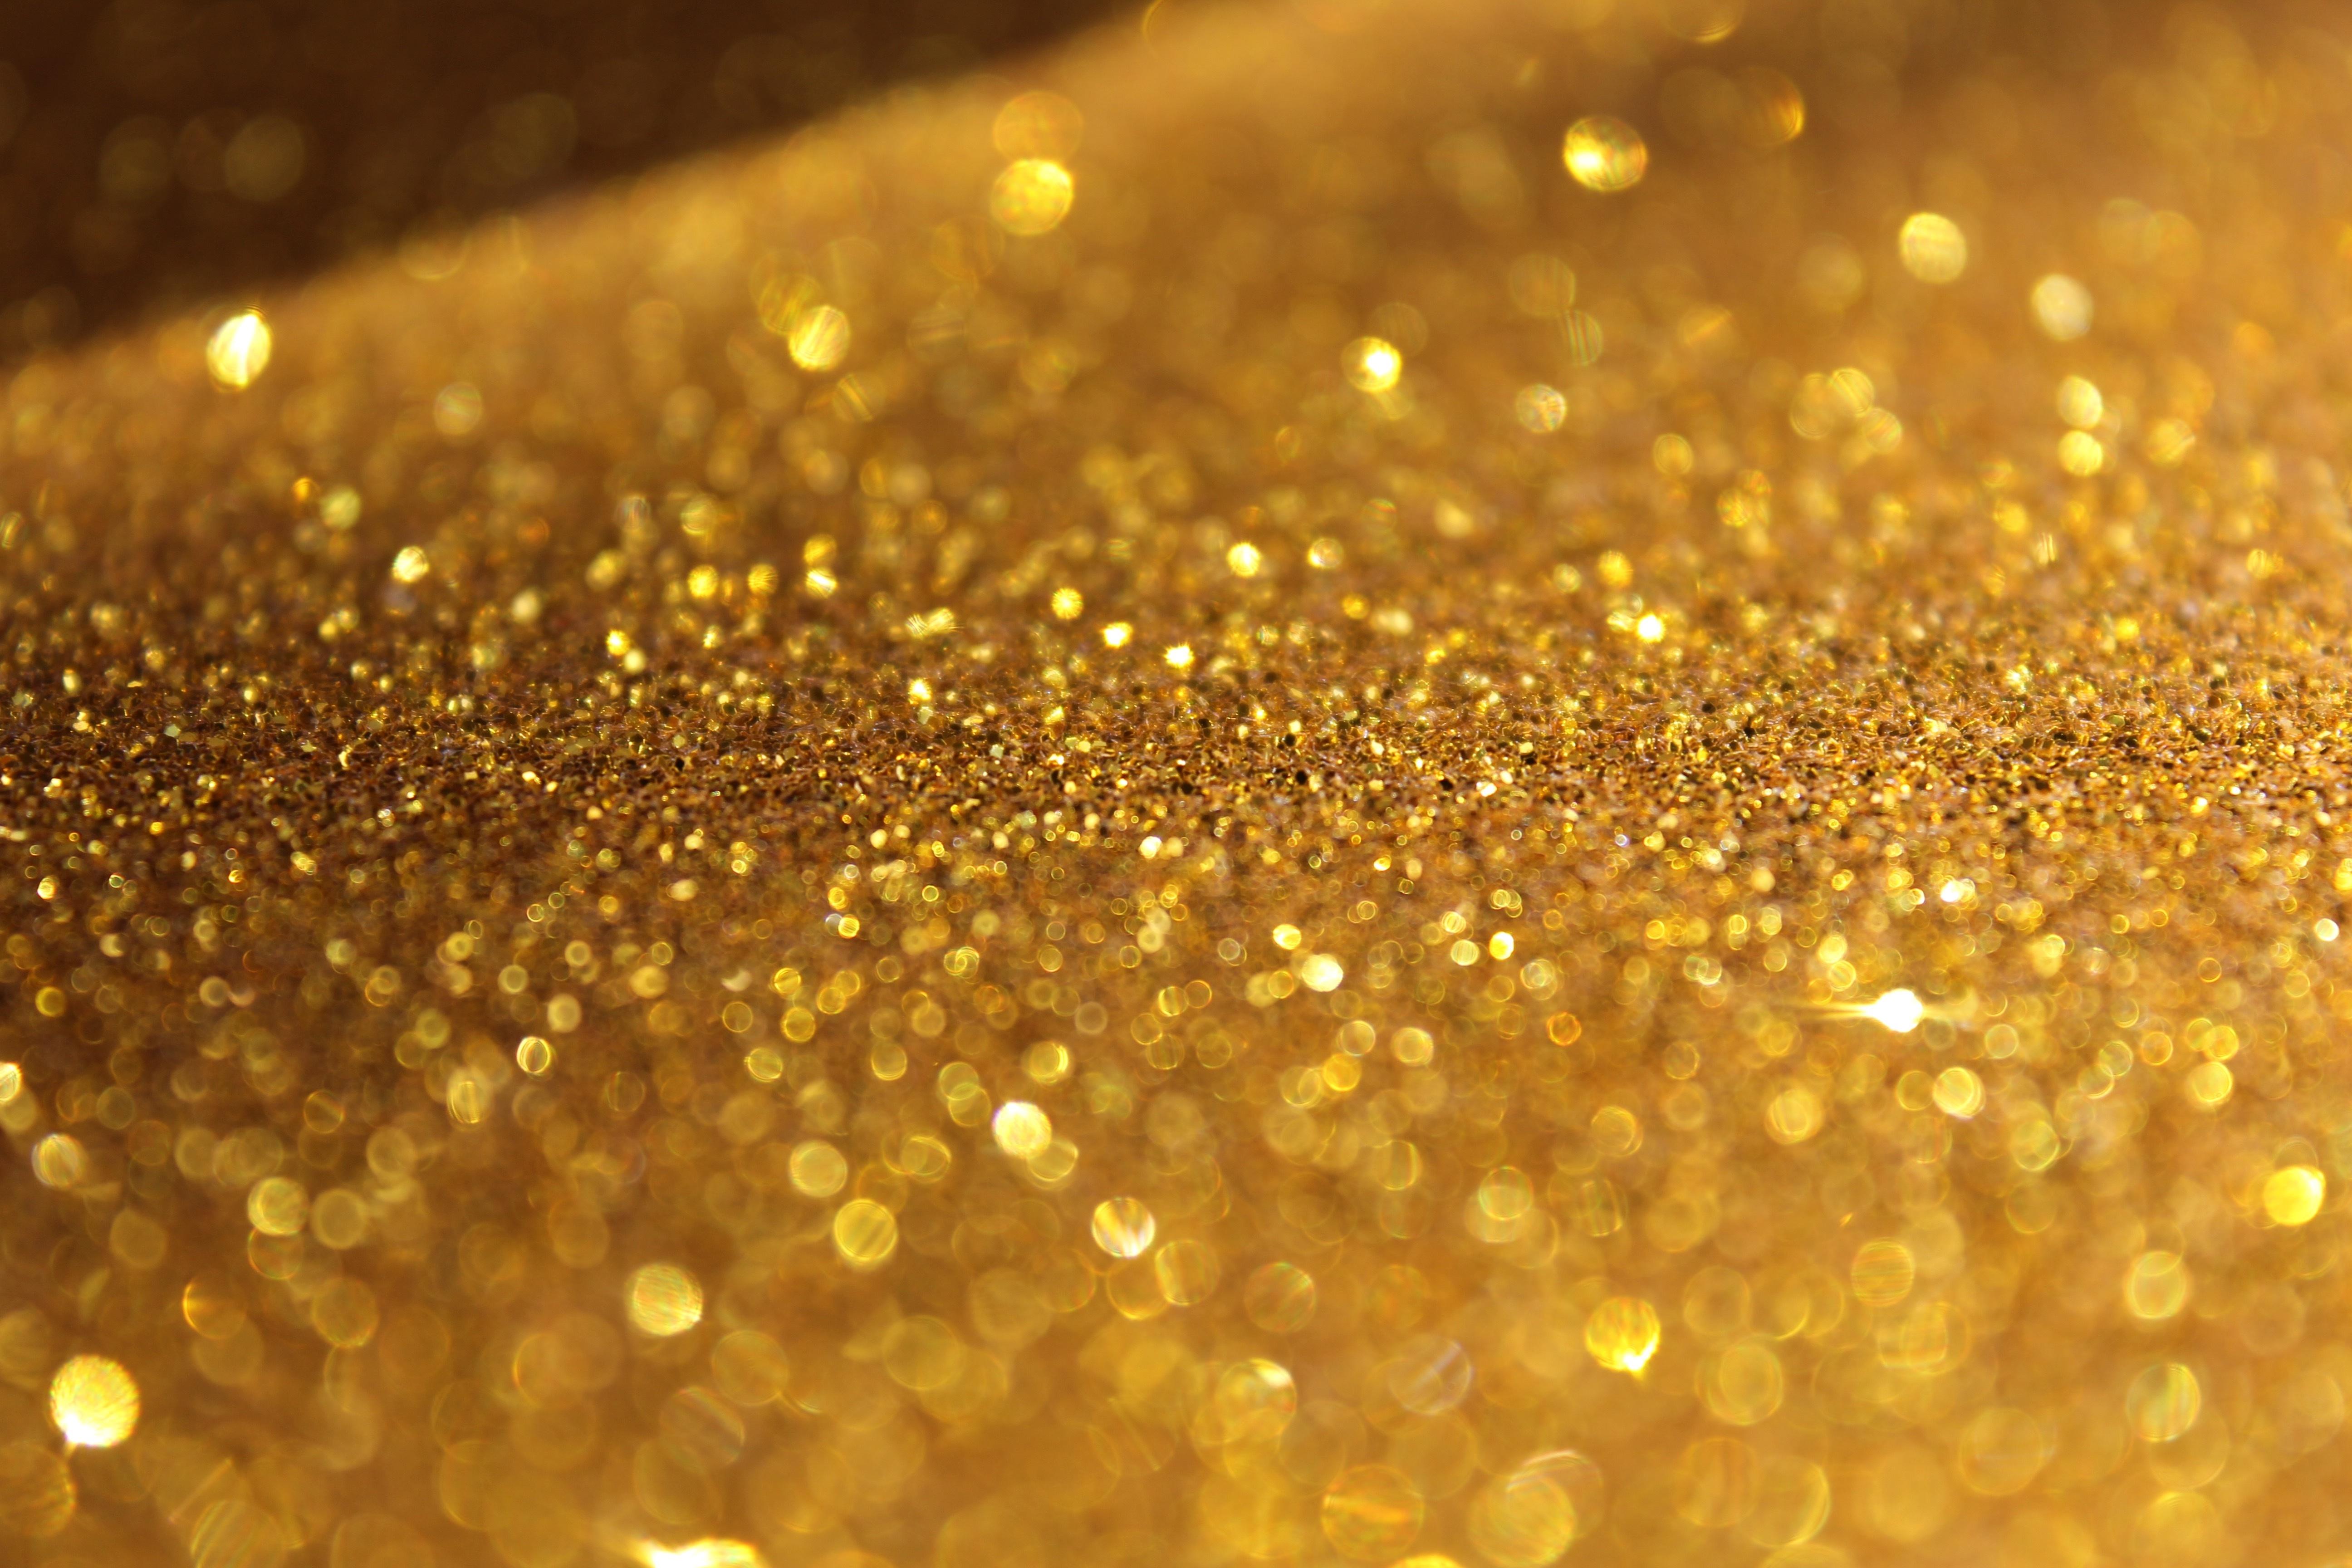 задач золотой песок льется гиф картинка зависимости